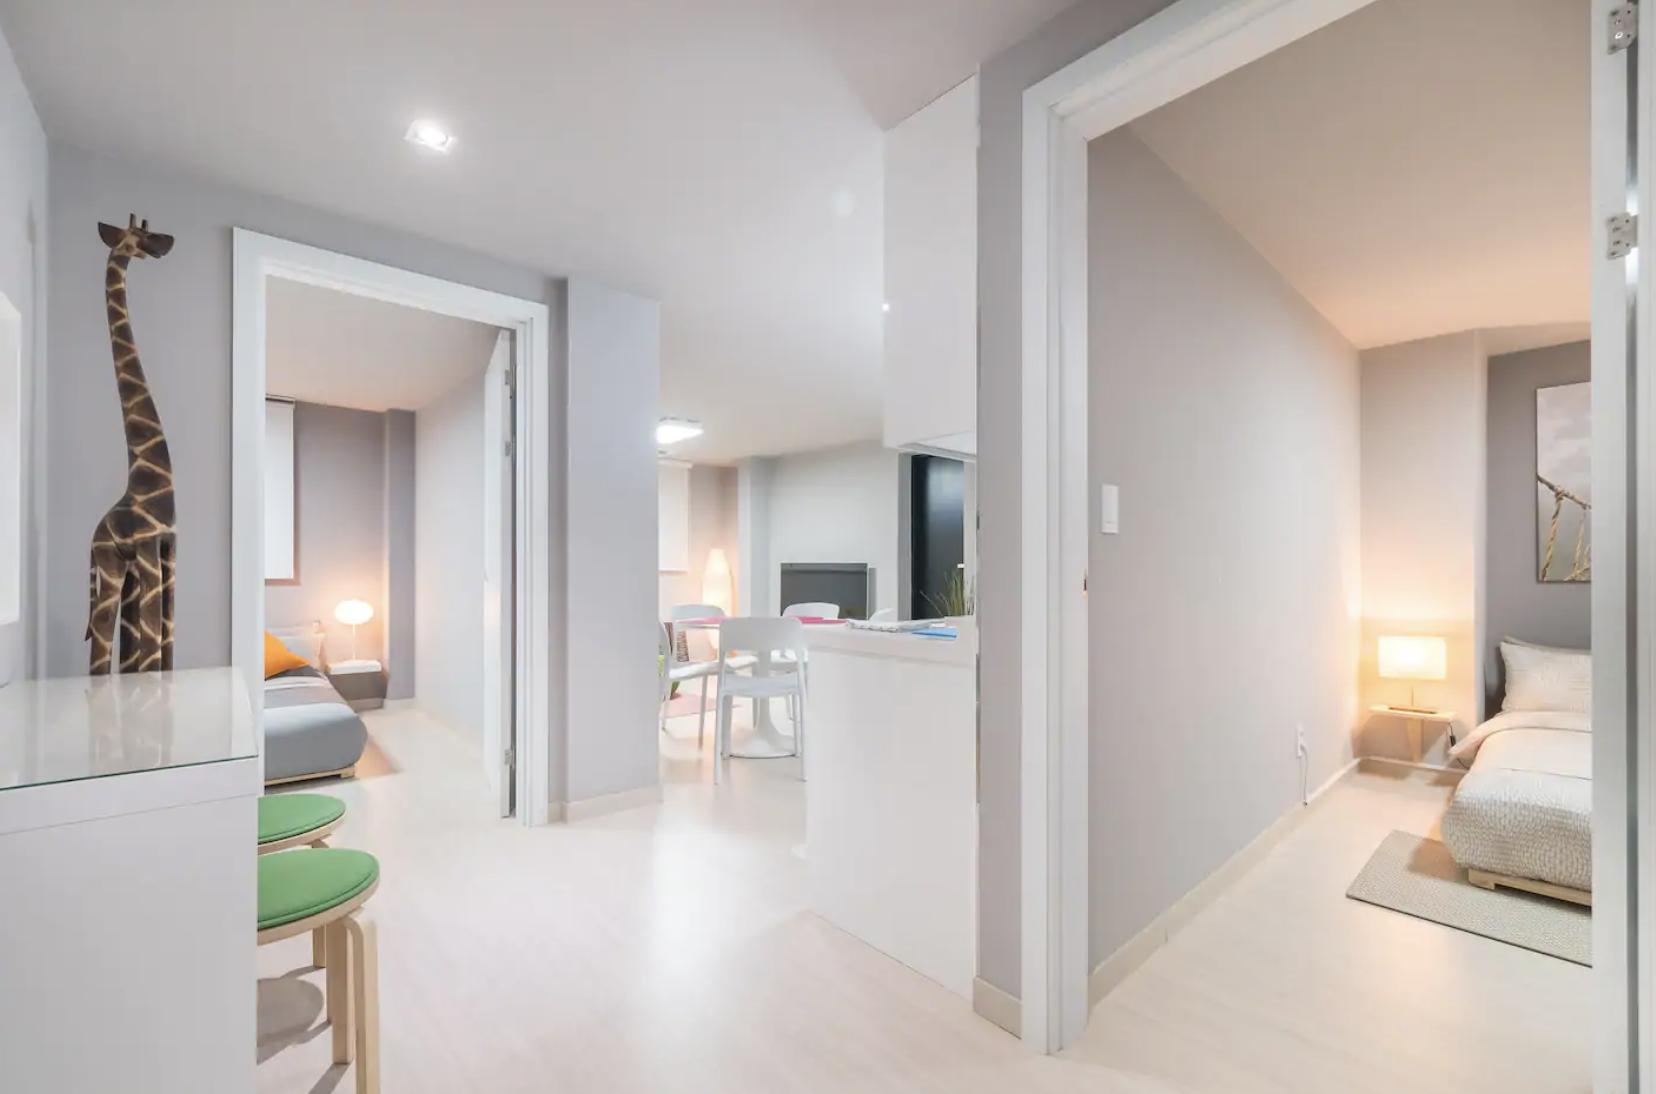 Apartement Configuration (Copy)